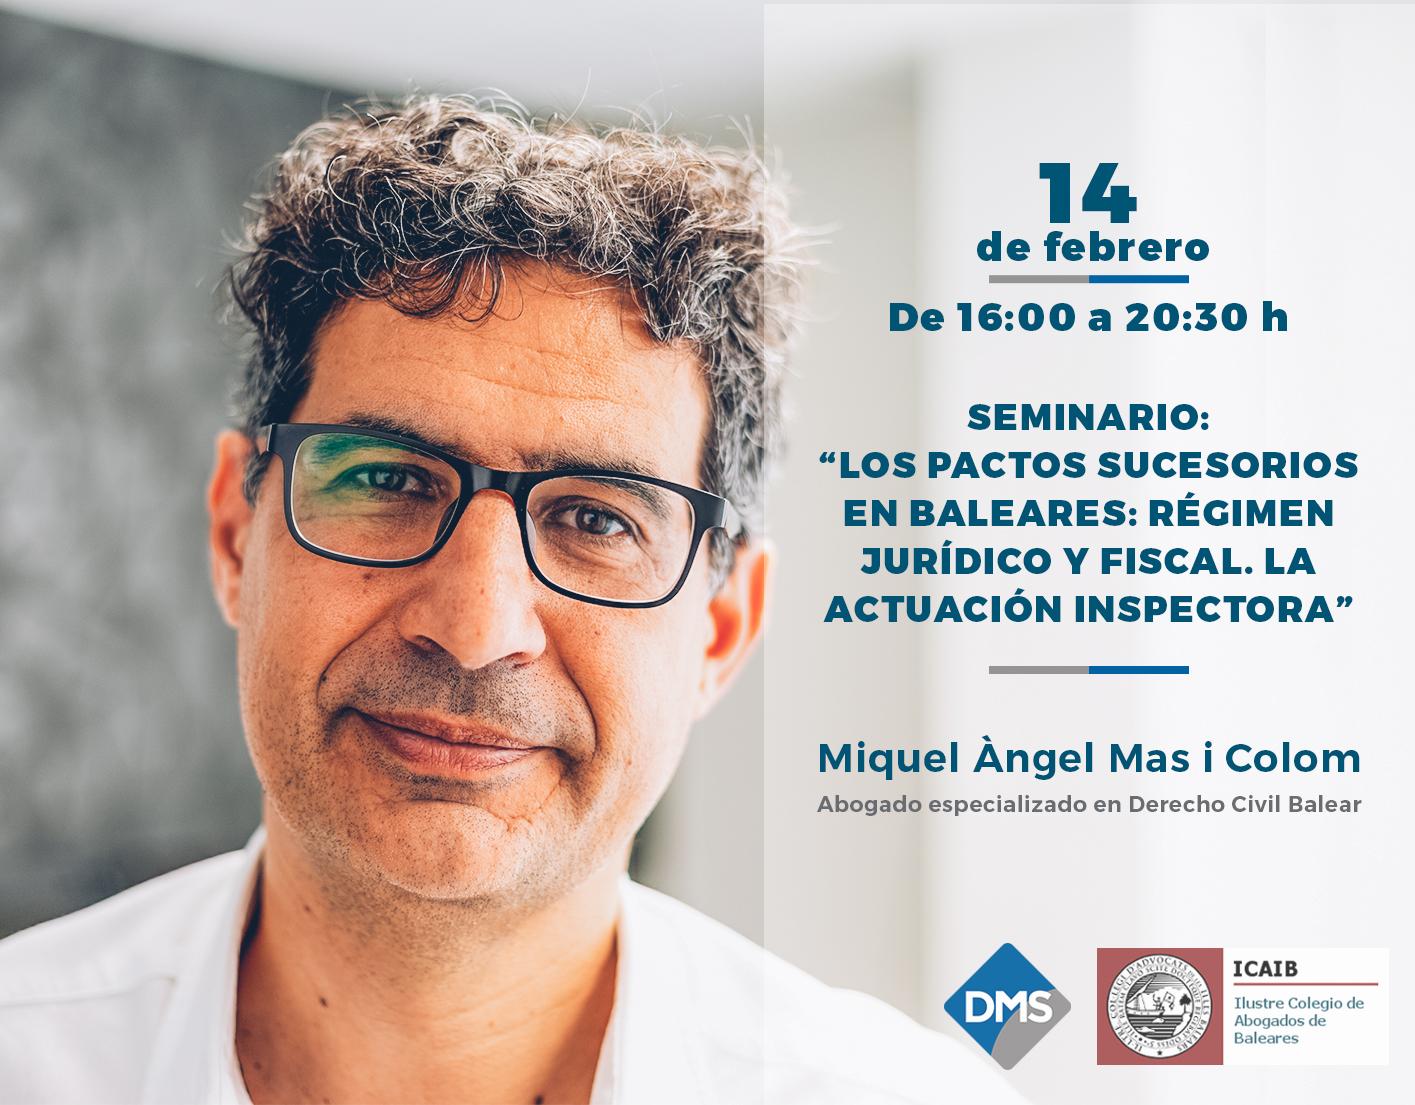 Miquel Àngel Mas participa en el seminario sobre los Pactos Sucesorios